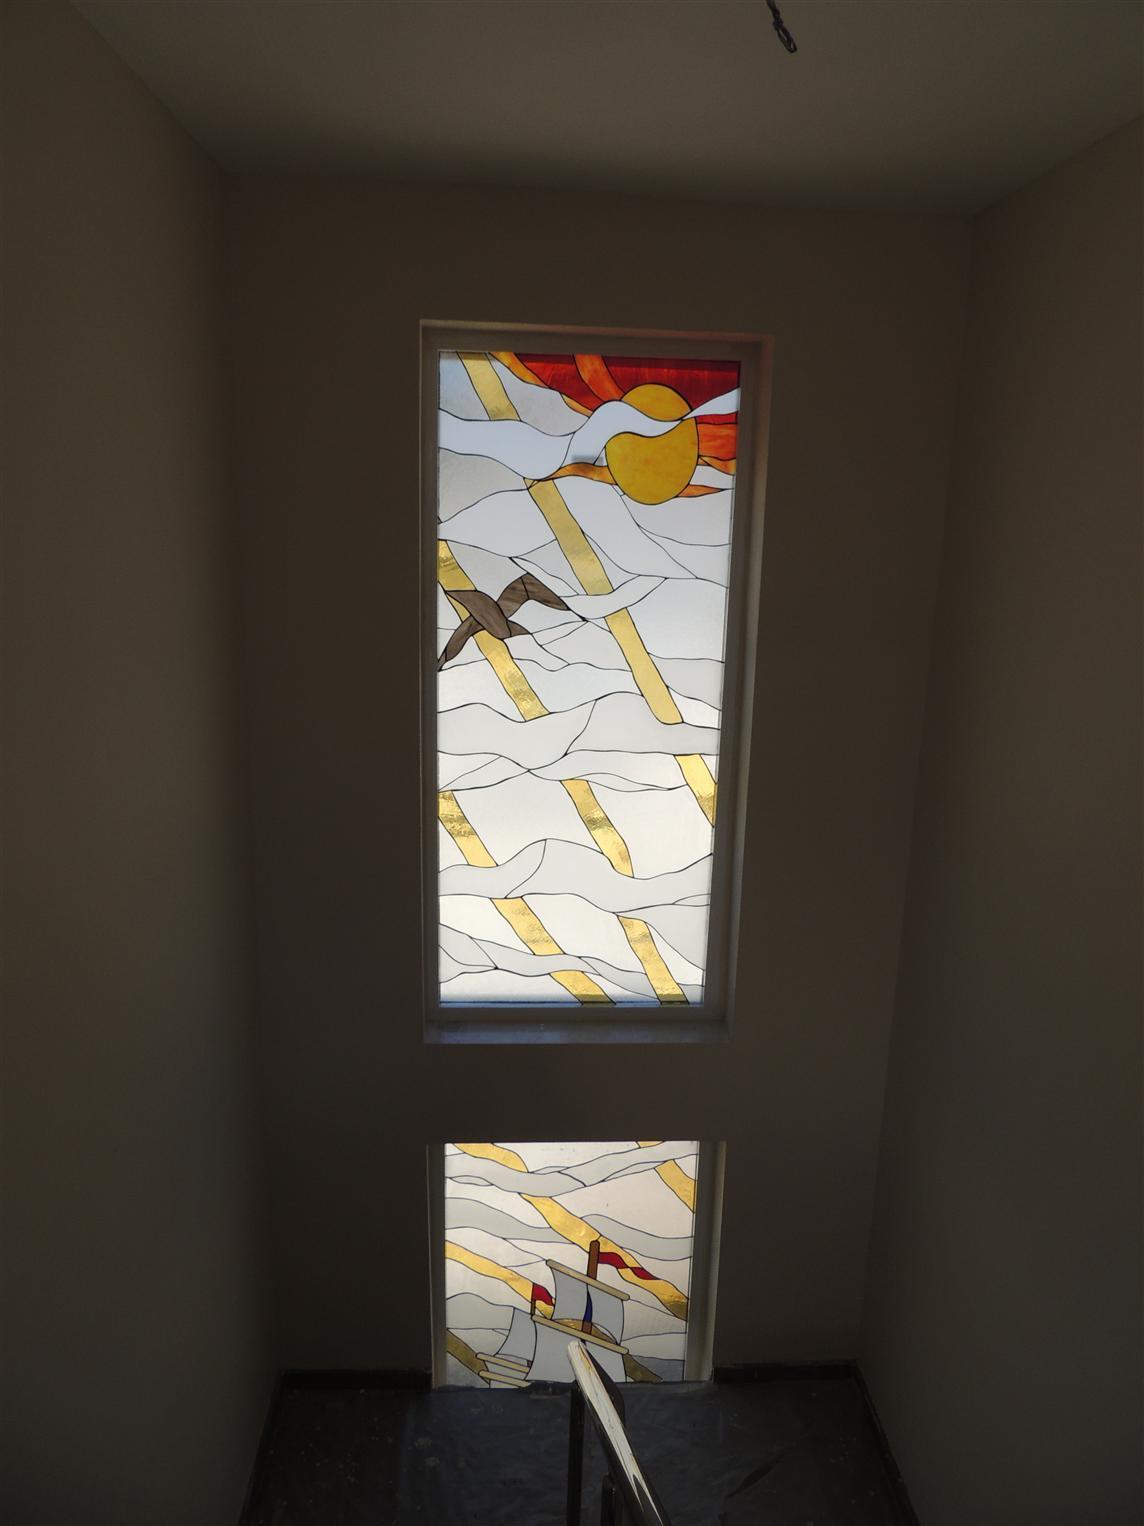 izka-insaat-life-port-evleri2015921164727446.jpg izmir vitray çalışması